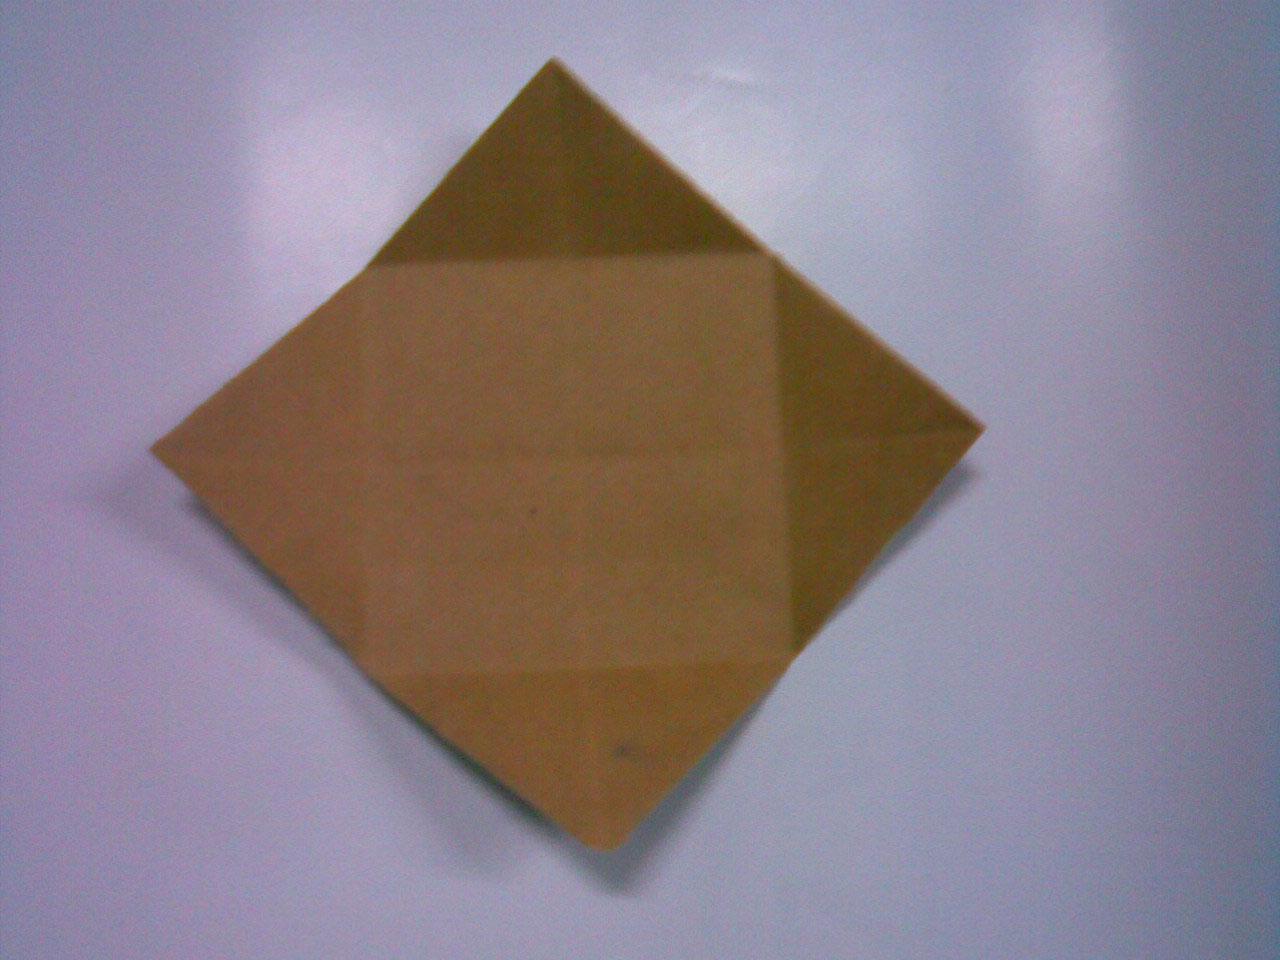 วิธี  พับกล่องกระดาษ มีฝา  พับโอริกามิ โอริงามิ  hoe papieren bloem deksel vouwen